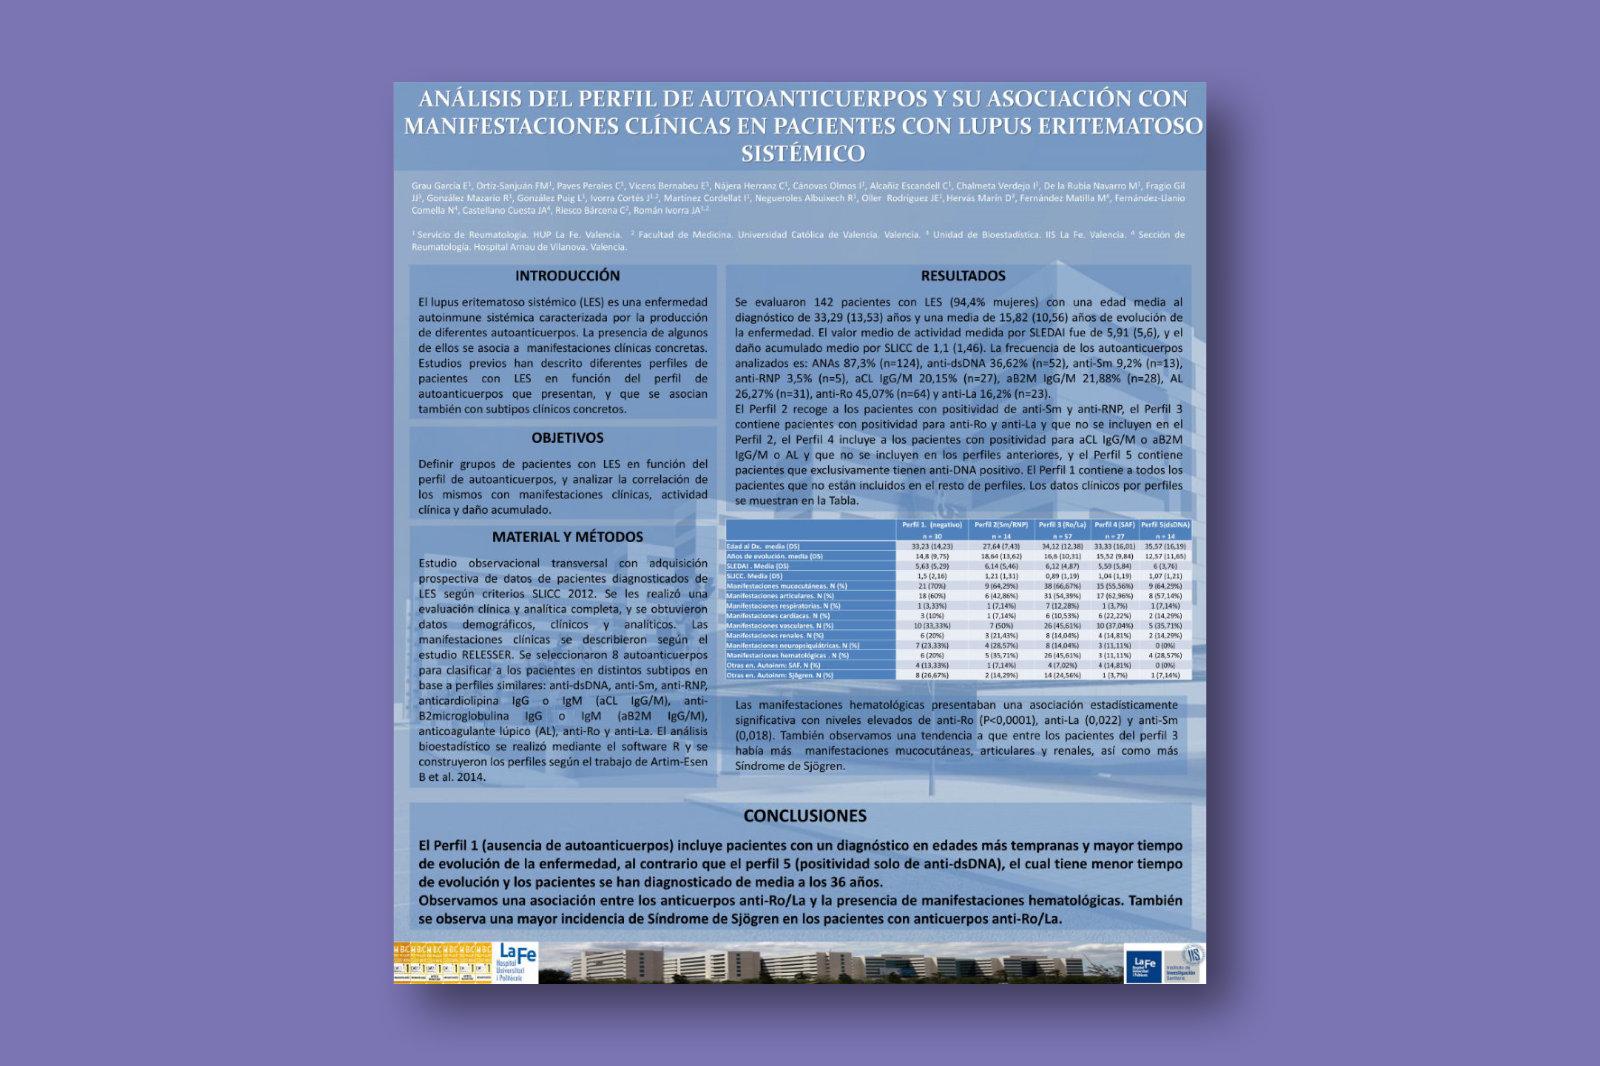 Análisis del perfil de autoanticuerpos y su asociación con manifestaciones clínicas en pacientes con lupus eritematoso sistémico